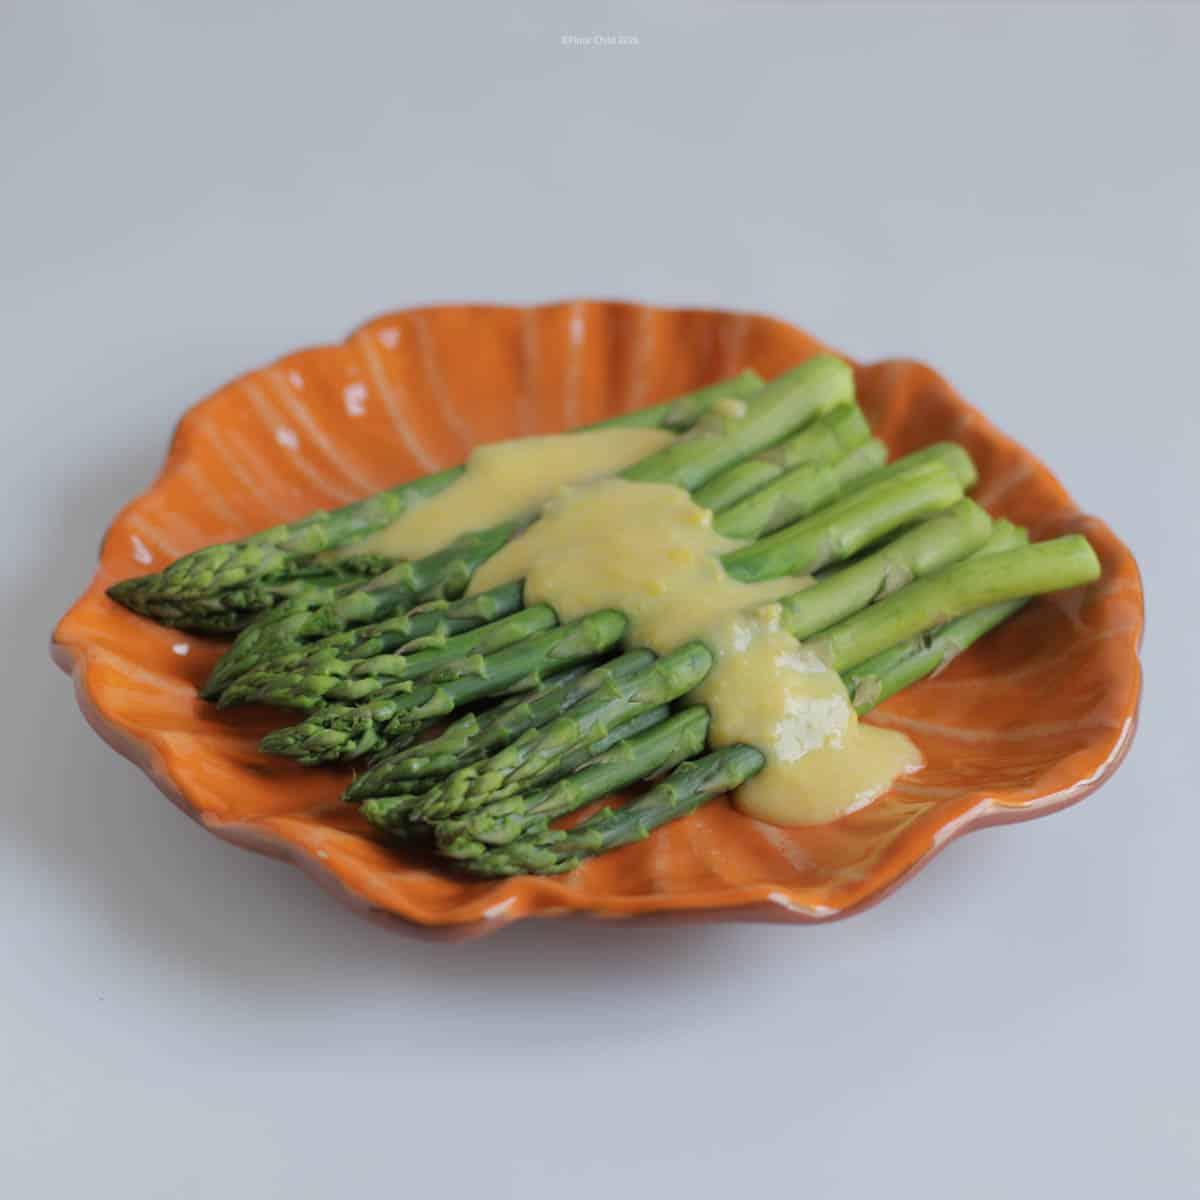 Hollandaise Sauce poured over an asparagus side dish